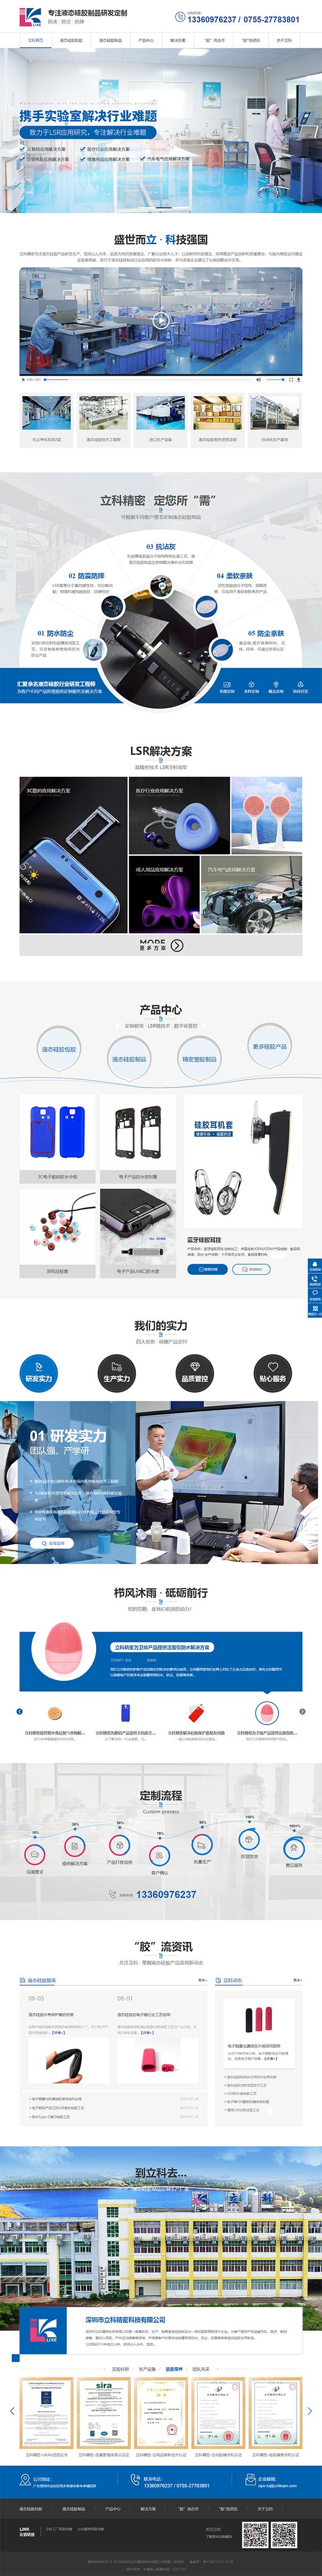 深圳立科精密科技-龙8国际龙88型龙8国际官网首页首页展示